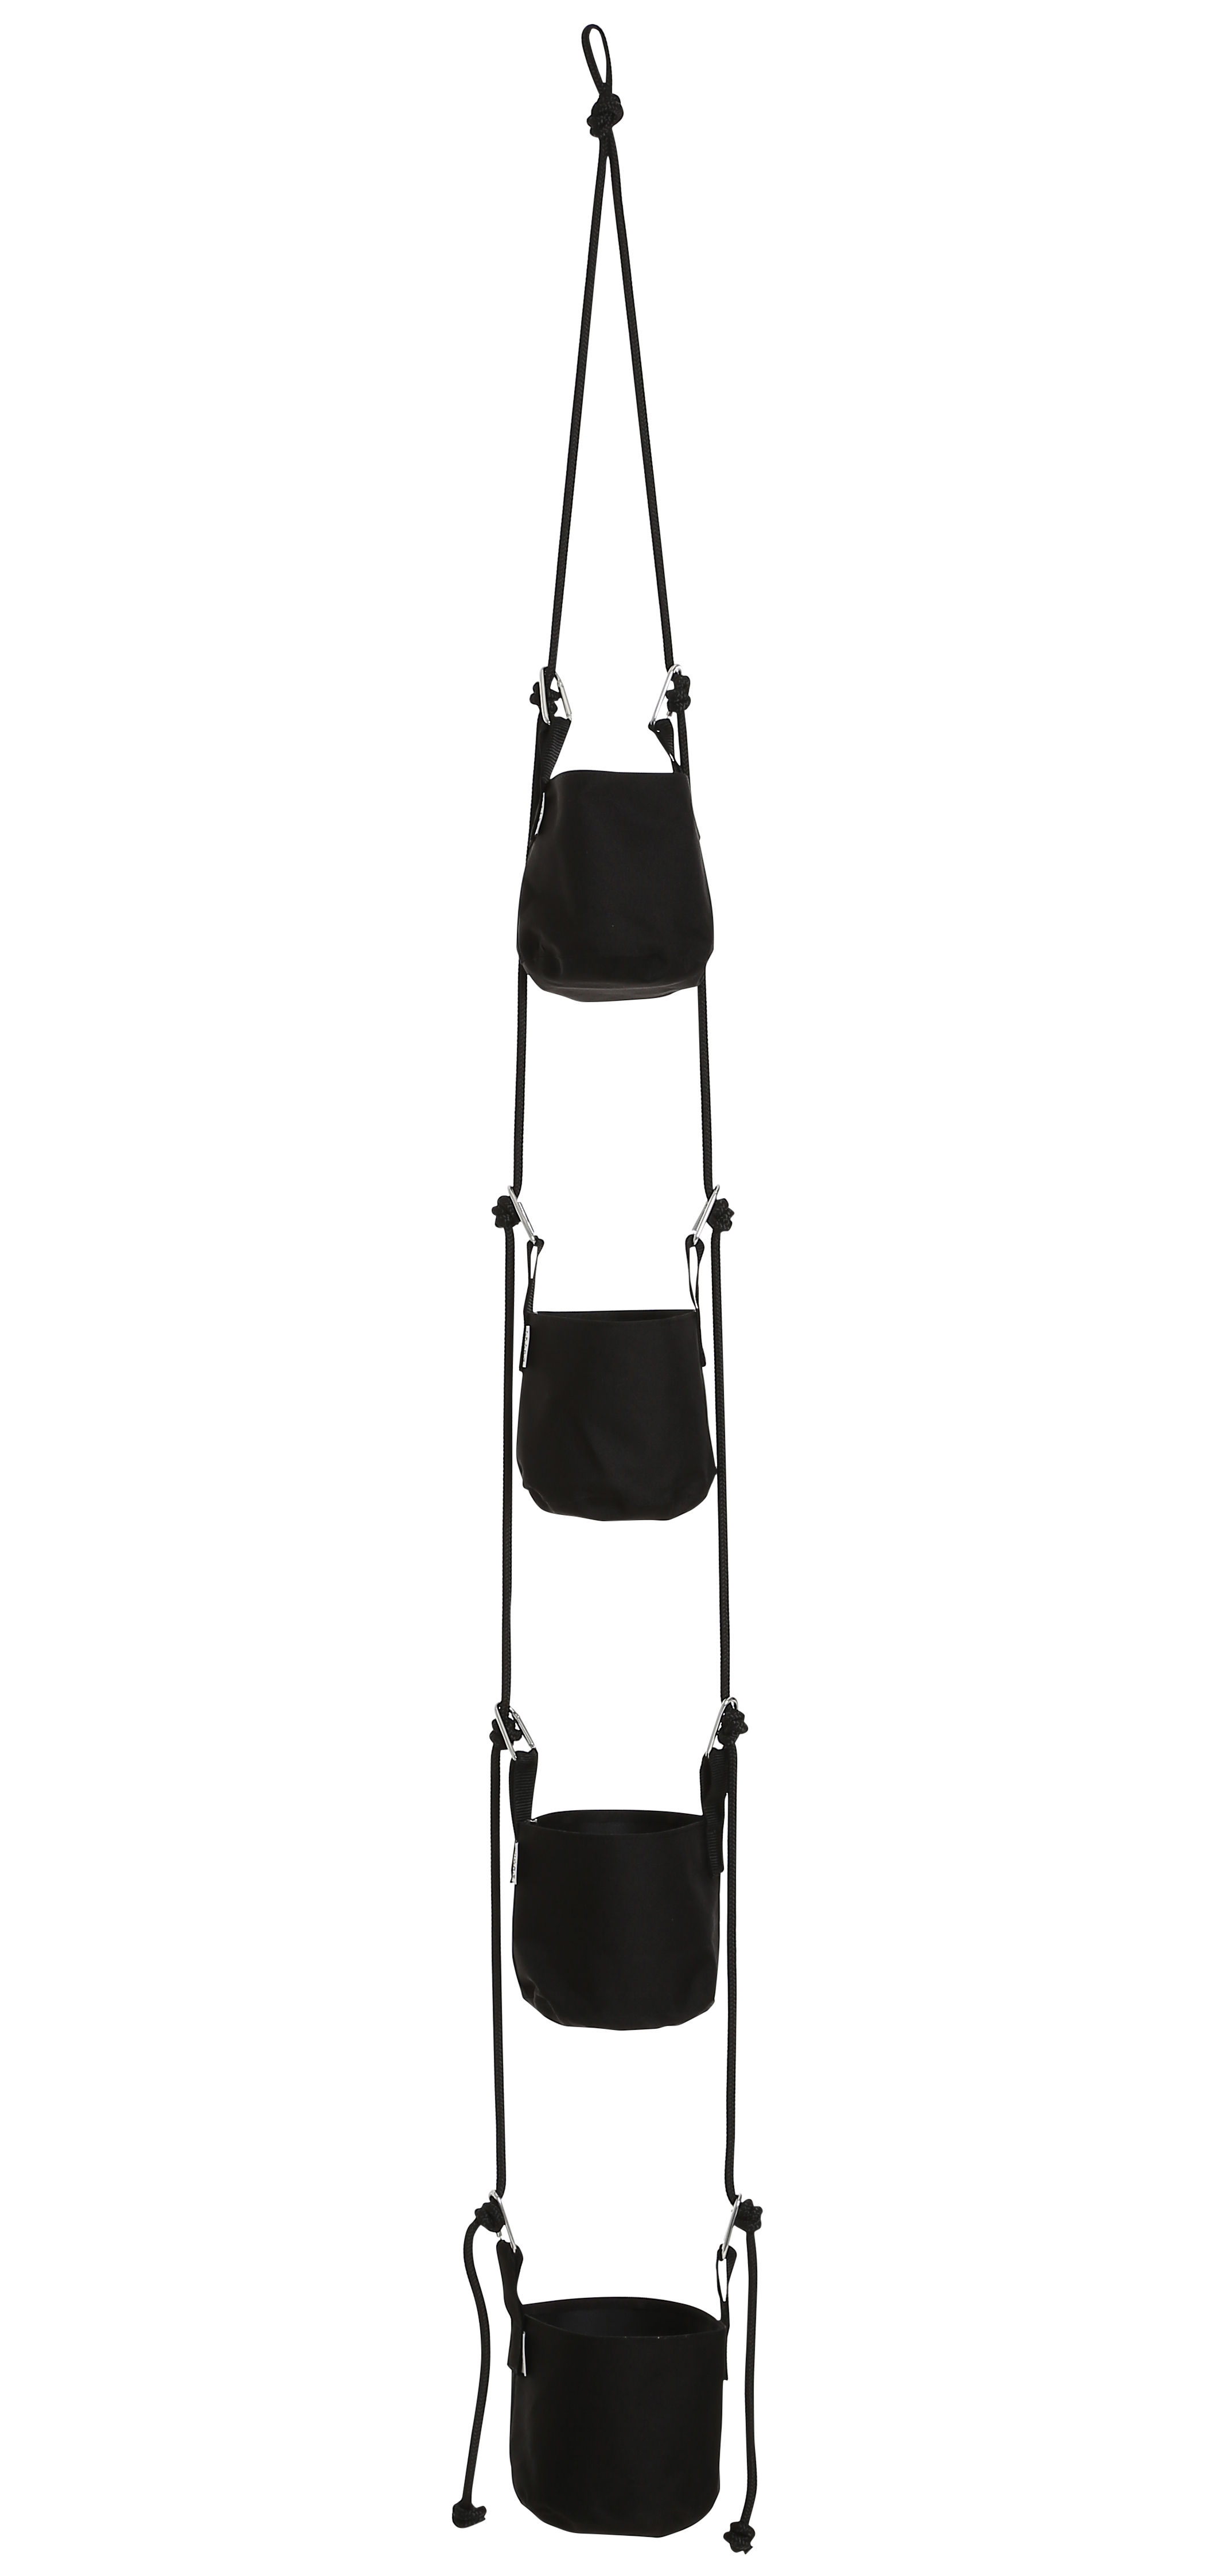 vertical blumentopf zum aufh ngen 4 blument pfe und seile h 200 cm schwarz by trimm. Black Bedroom Furniture Sets. Home Design Ideas